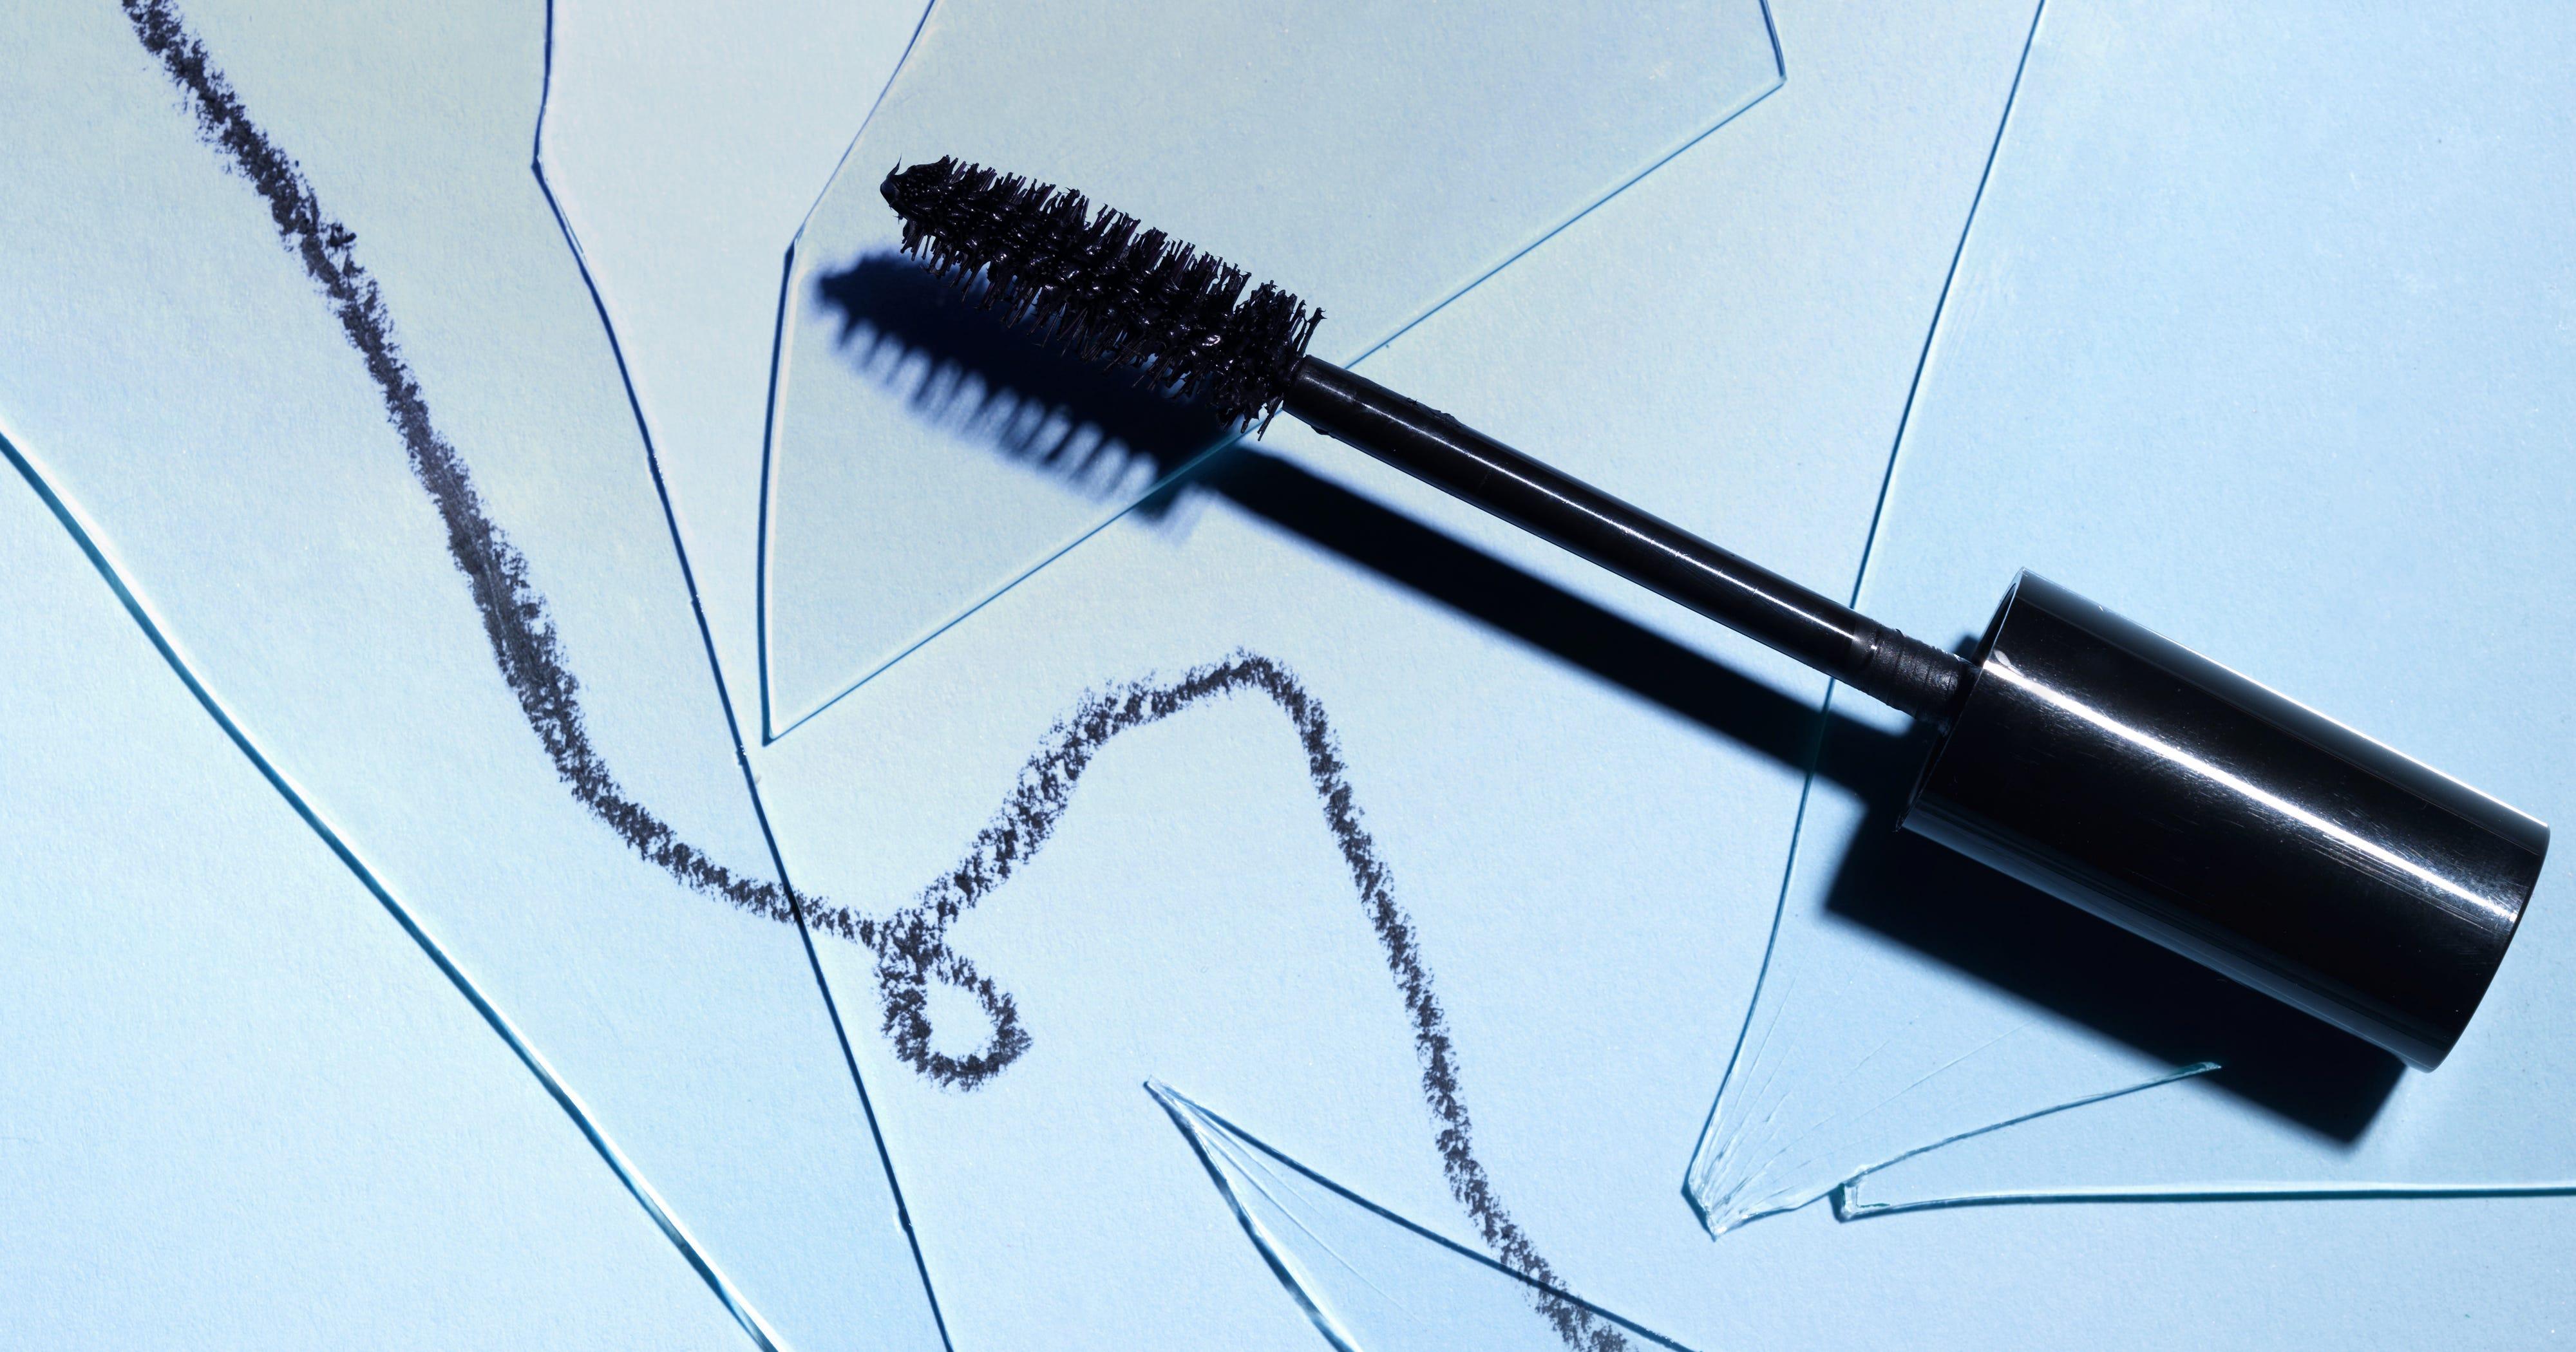 mascara die sich selbst f r empfindliche augen eignet. Black Bedroom Furniture Sets. Home Design Ideas